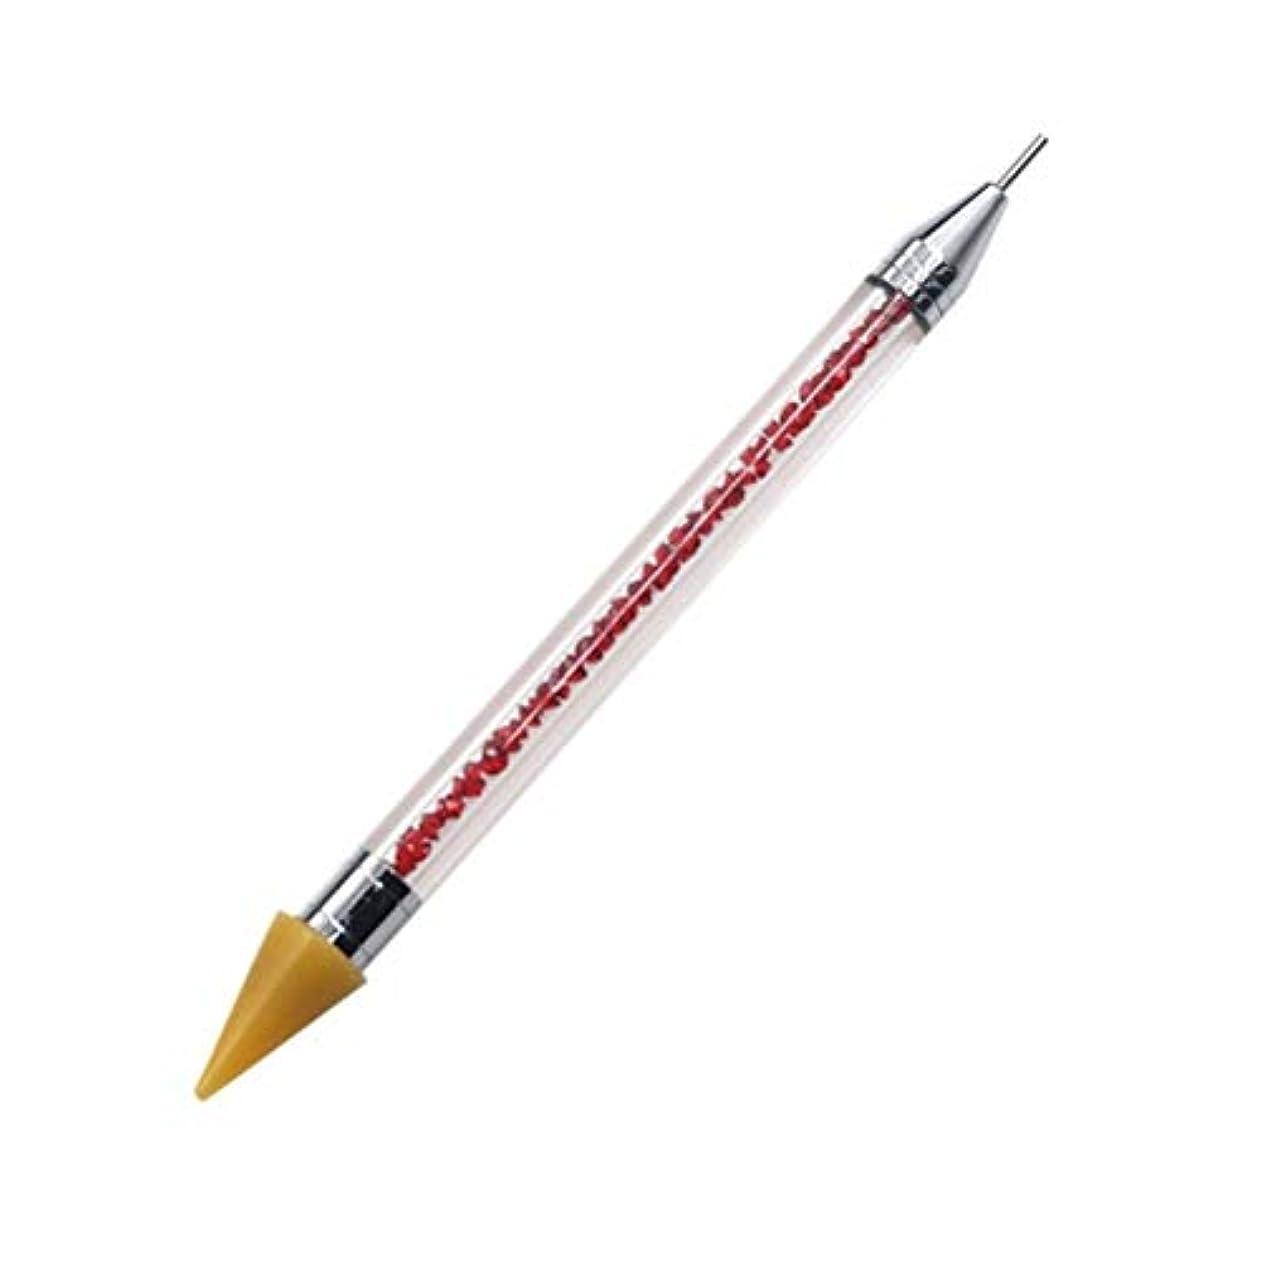 折るところで要塞ネイルペン DIY デュアルエンド 絵画ツール ペン ネイル筆 ネイルアートペン ネイルアートブラシ マニキュアツールキット ネイルツール ネイル用品 ラインストーンピッカー点在ペン マニキュアネイルアート DIY 装飾ツール